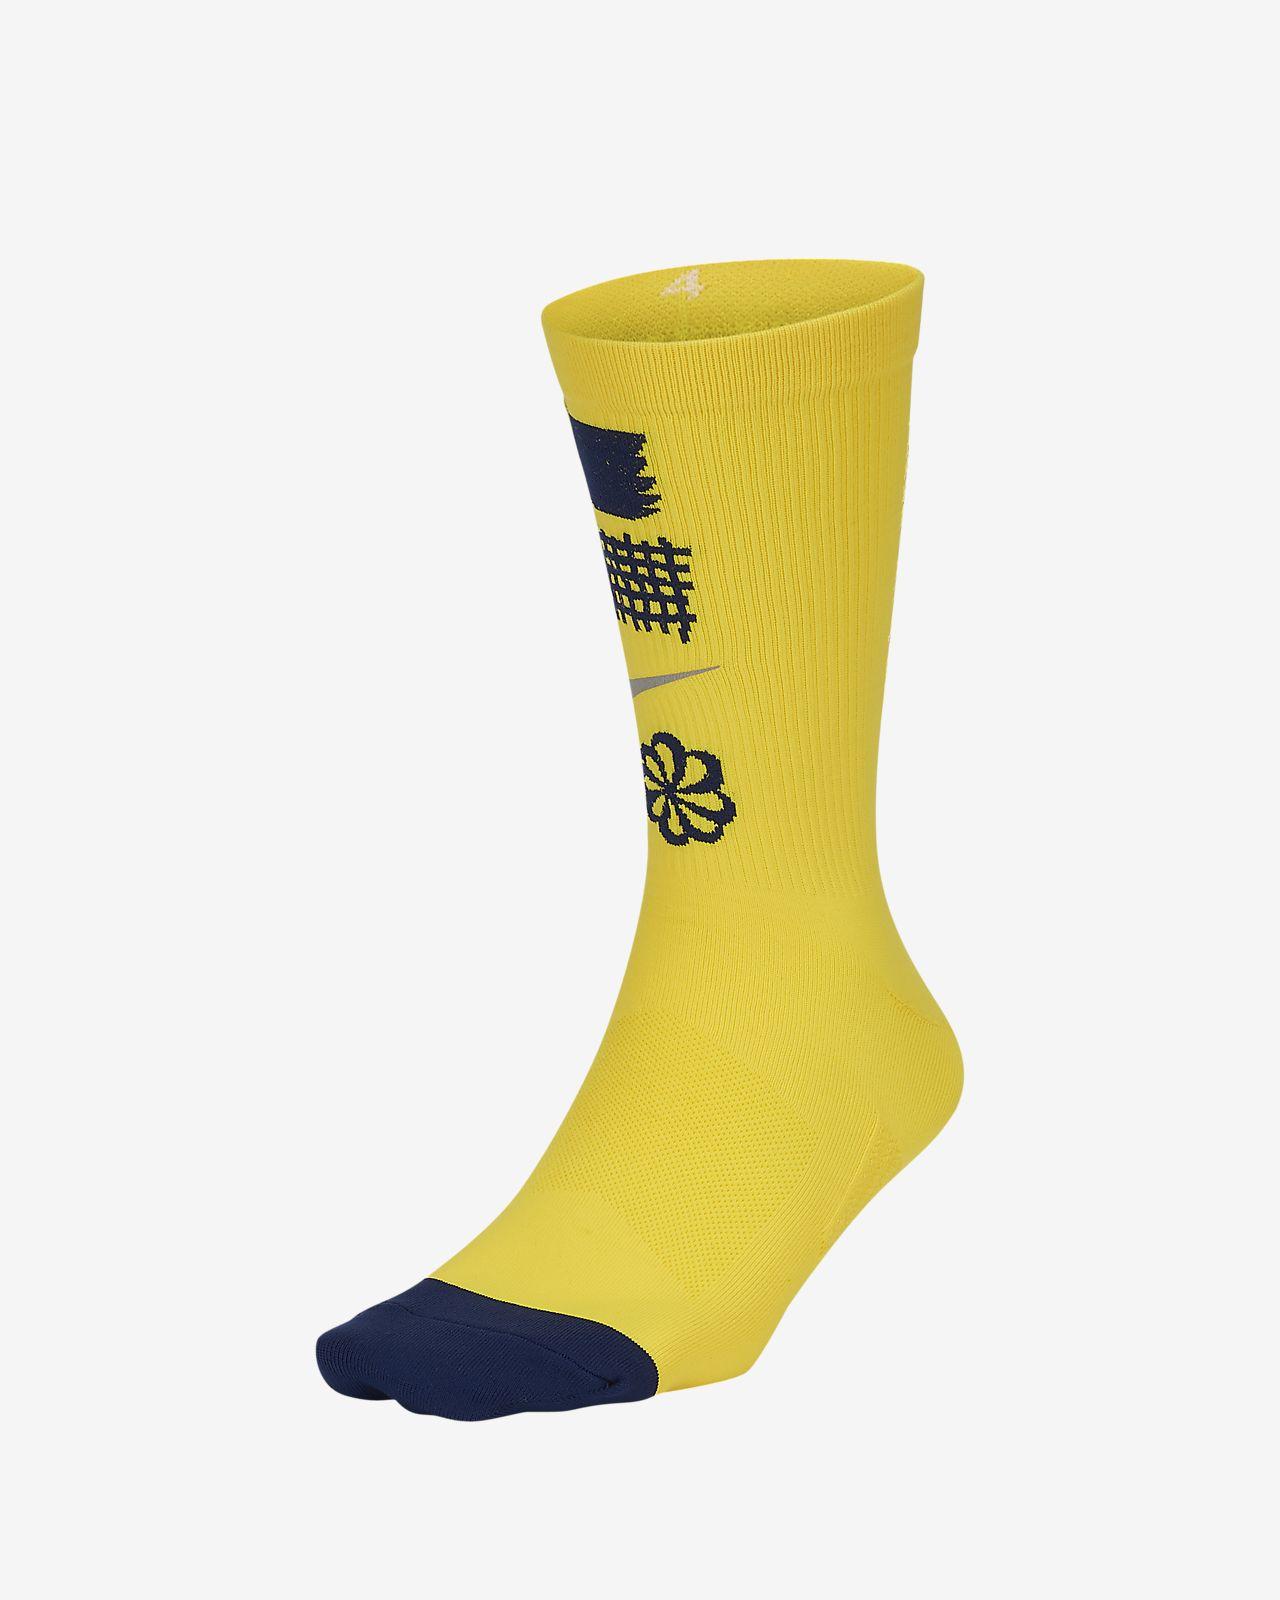 Nike Spark Lightweight Crew Grafikli Koşu Çorabı